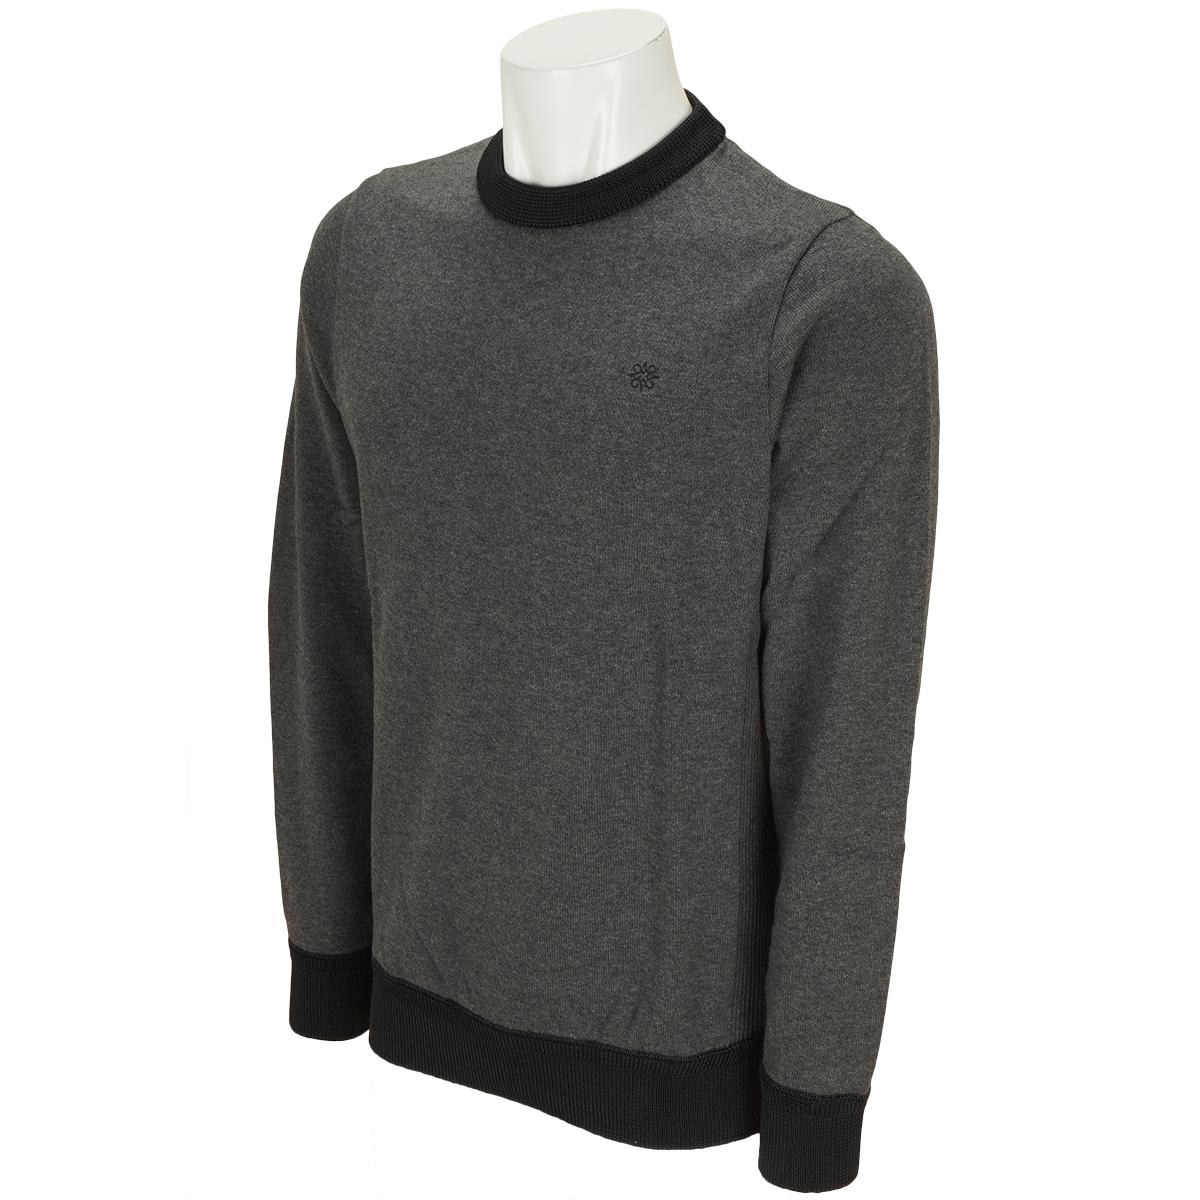 BlackLabel クルーネックセーター